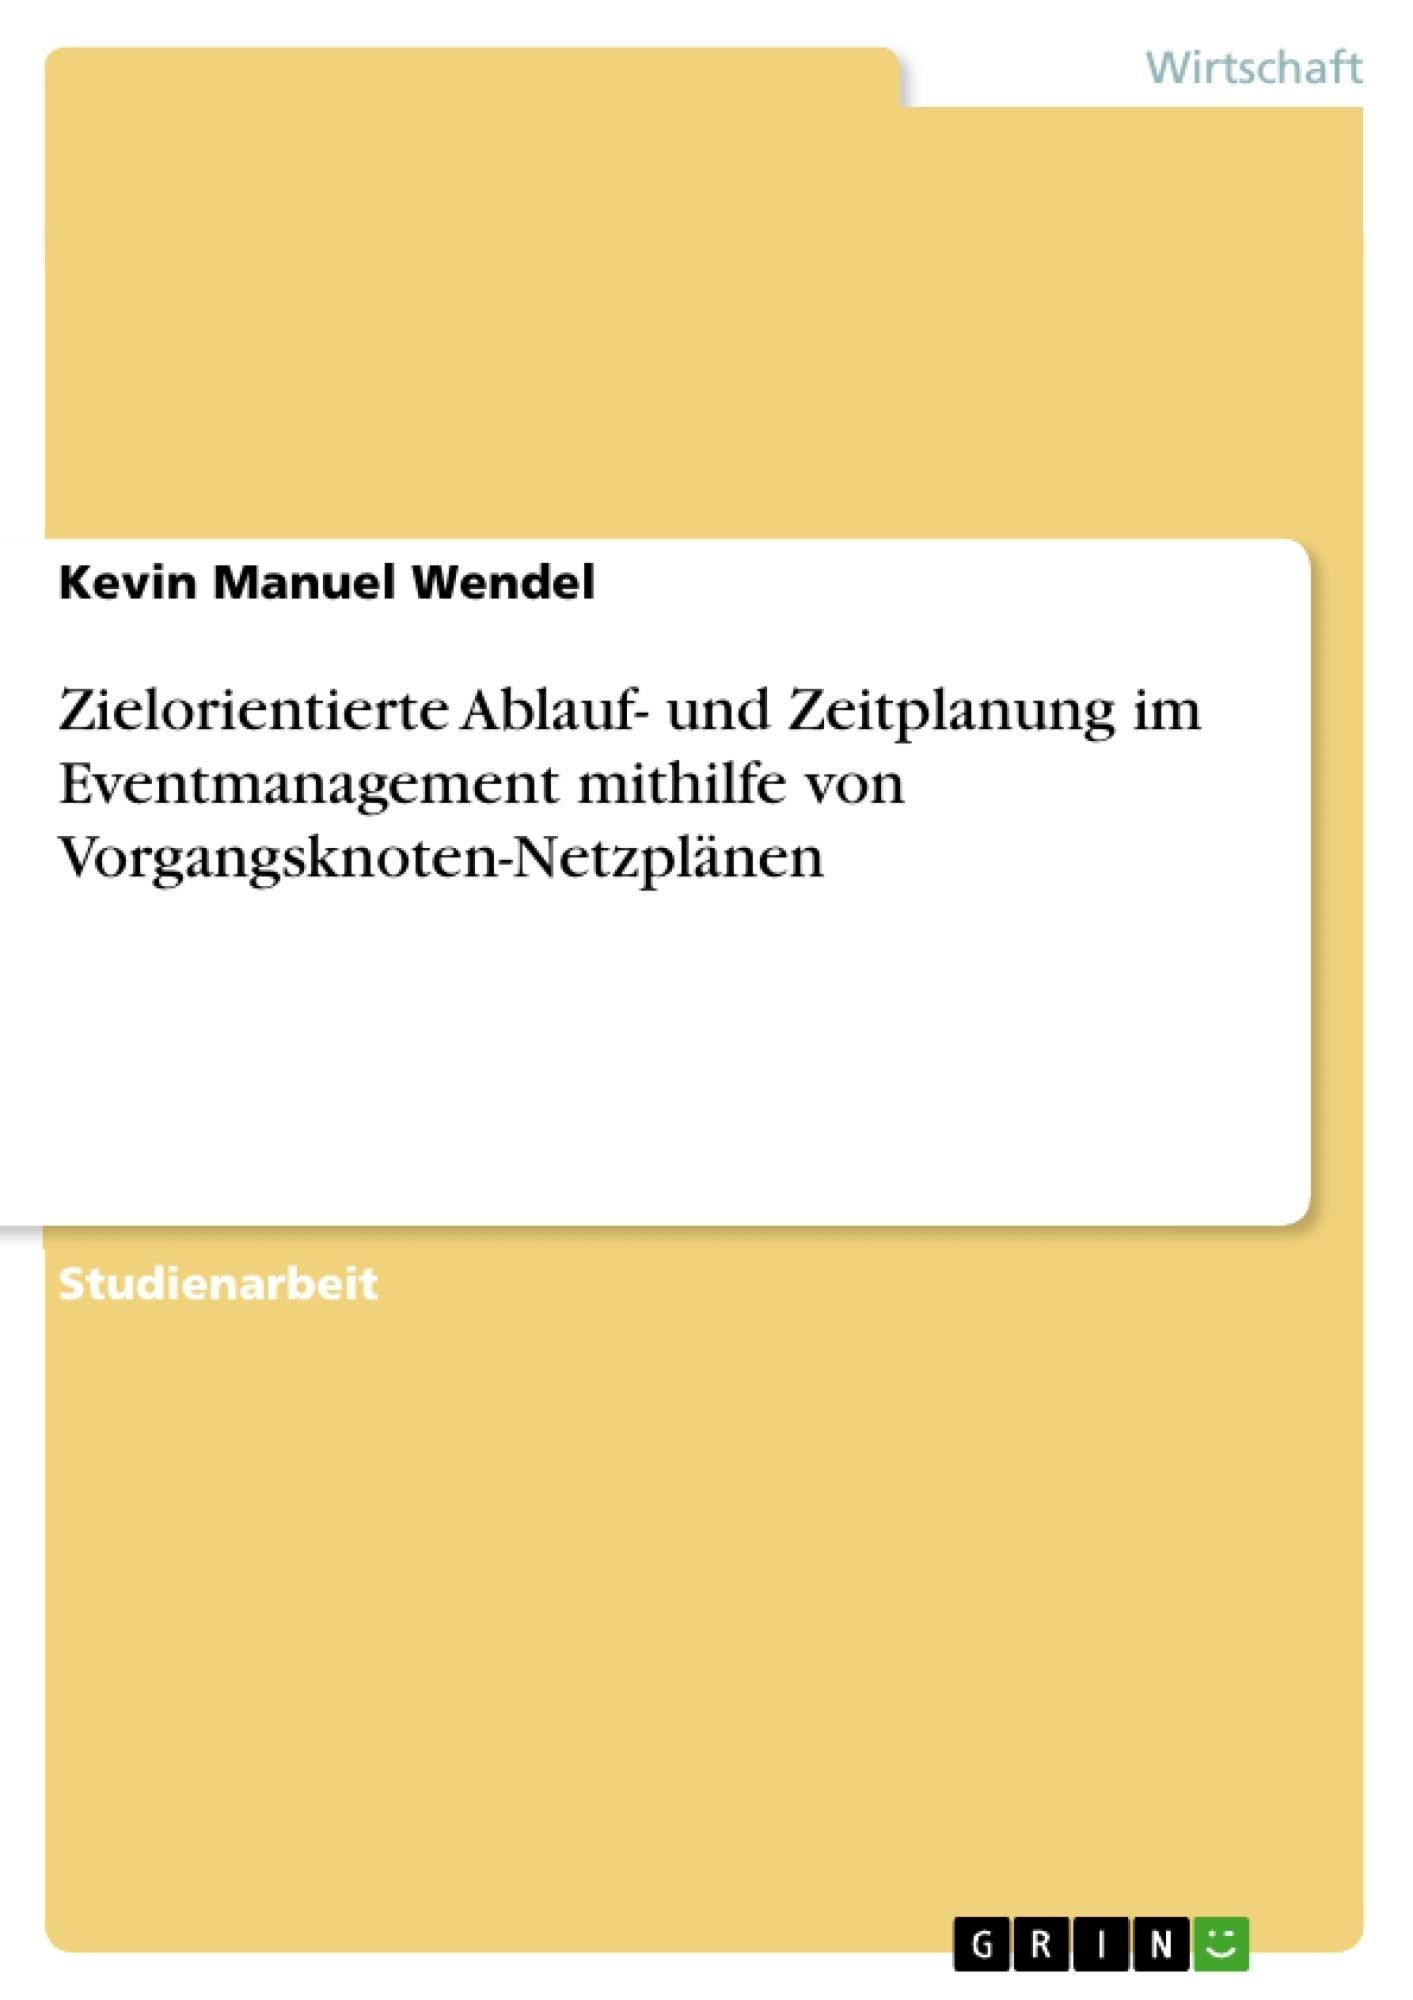 Titel: Zielorientierte Ablauf- und Zeitplanung im Eventmanagement mithilfe von Vorgangsknoten-Netzplänen